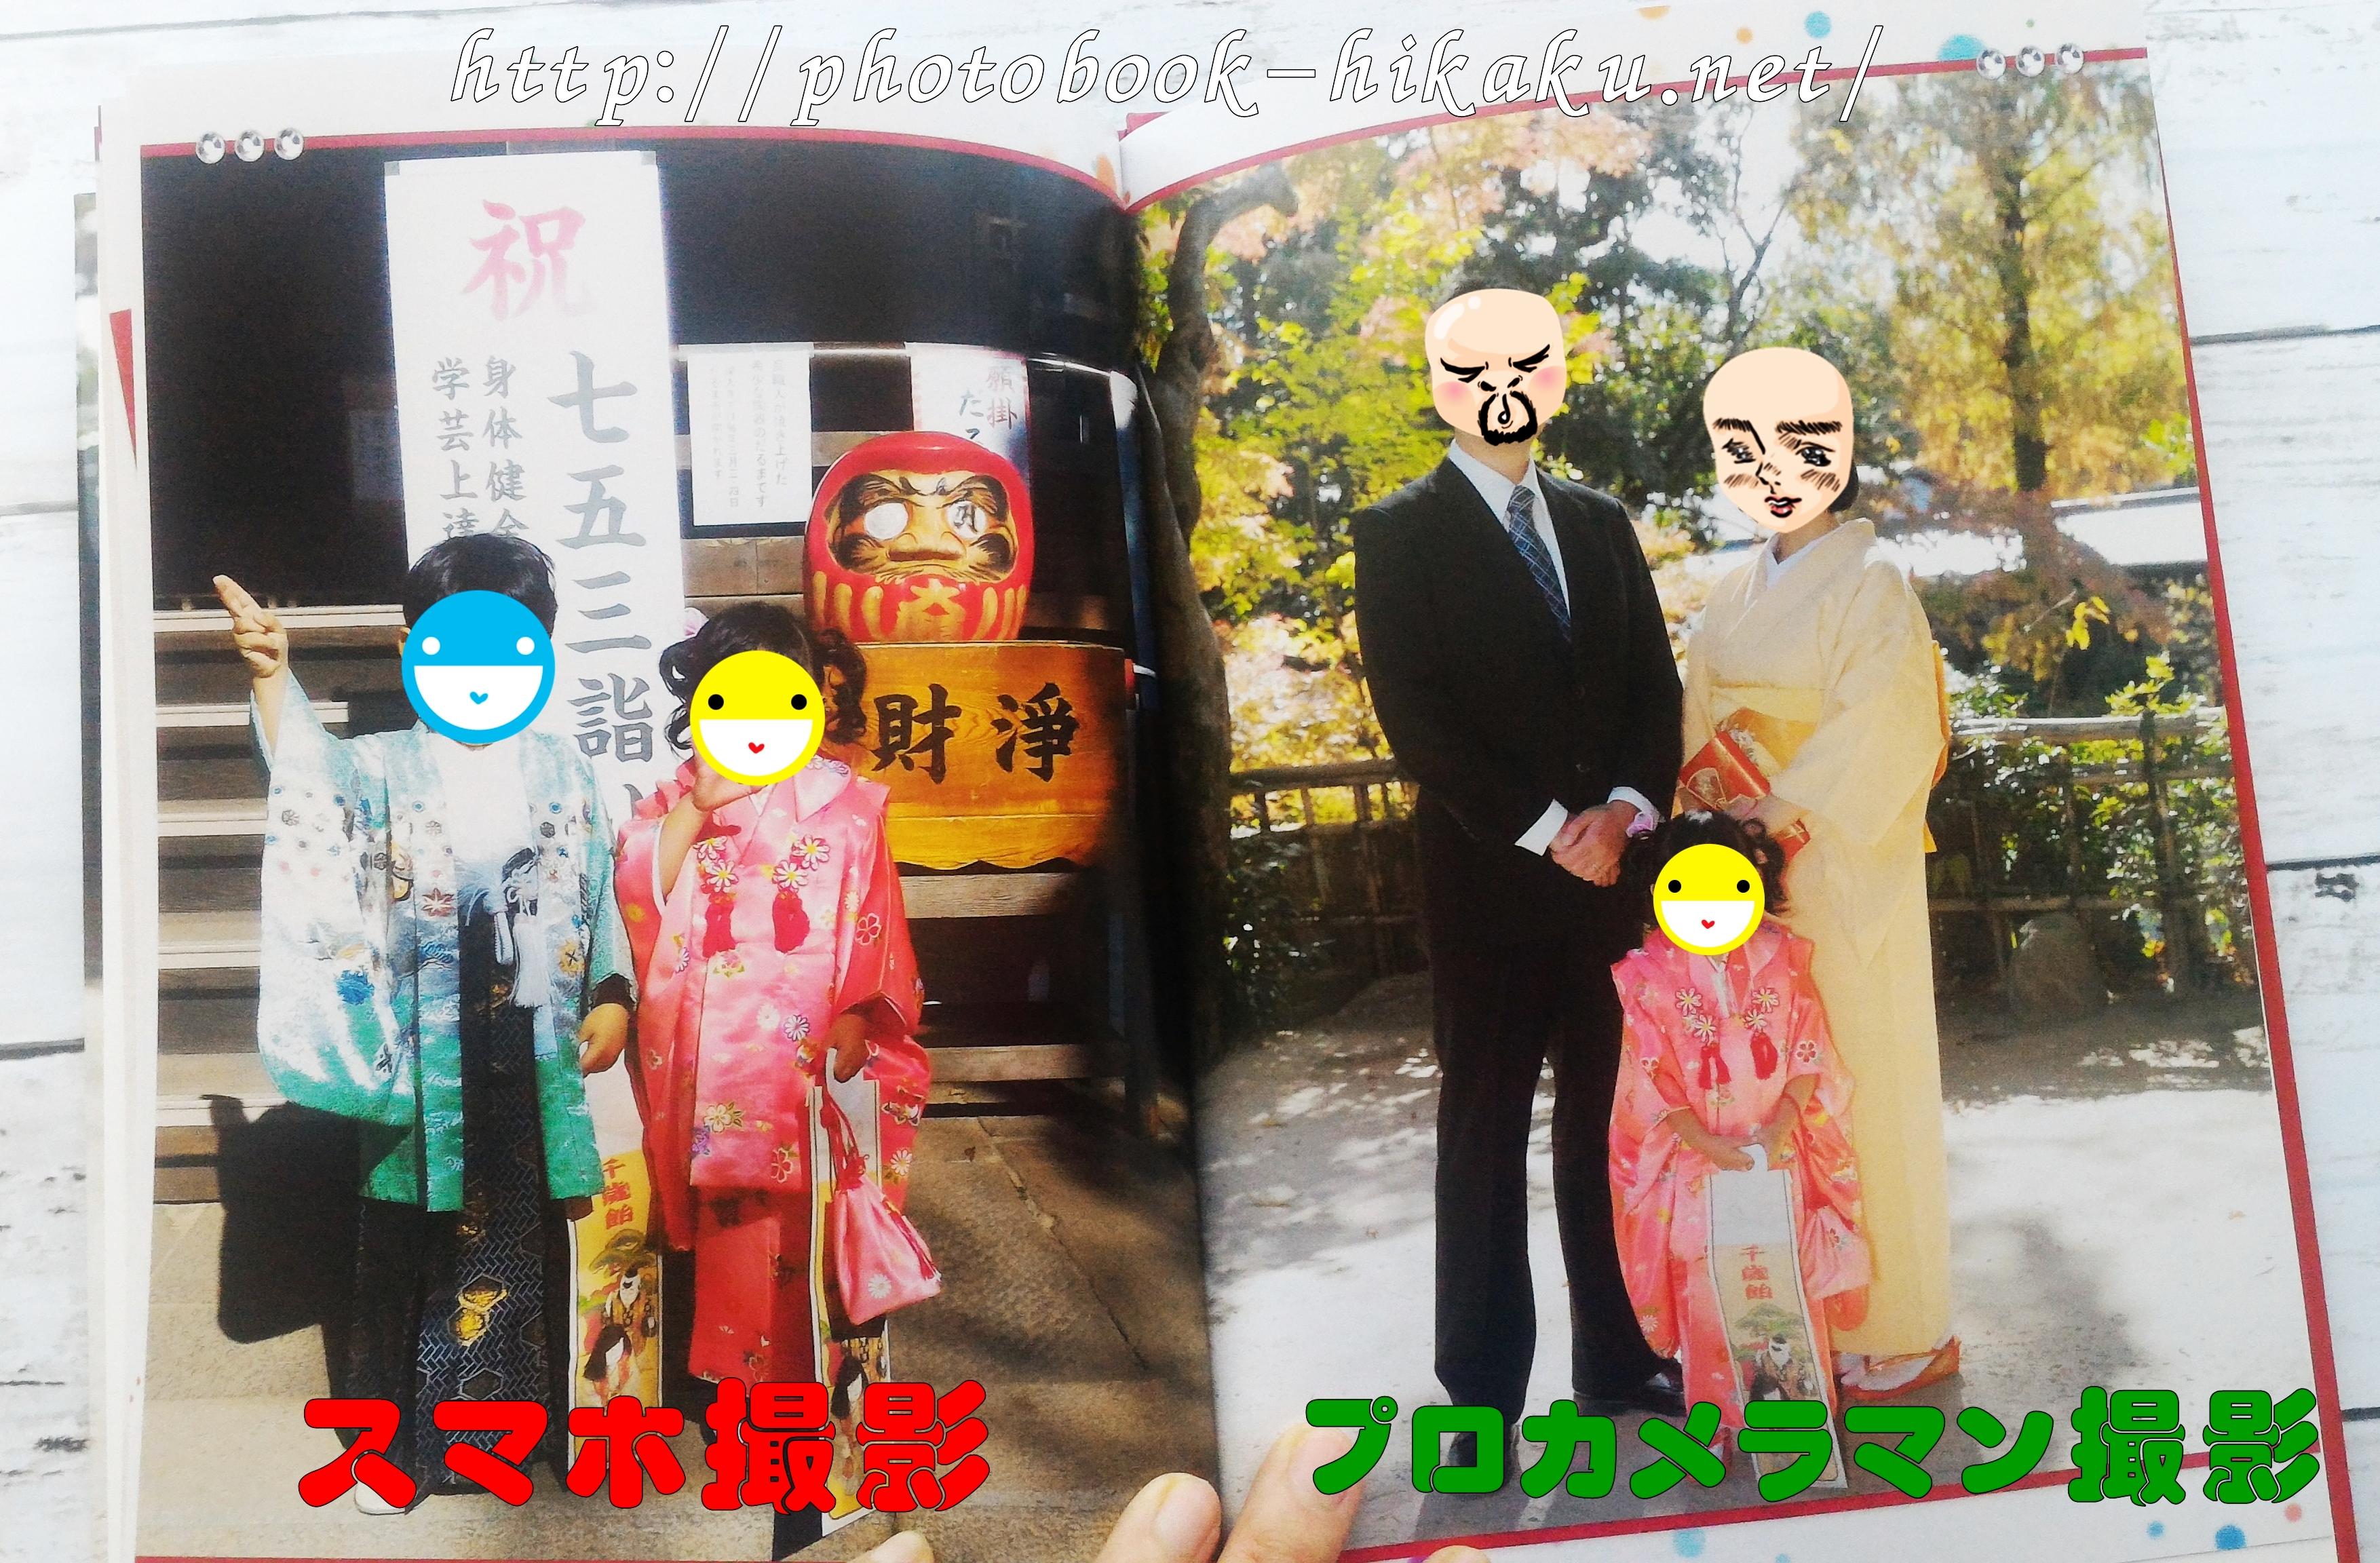 マイブックの画質をプロのカメラマンとスマホで撮った写真の比較